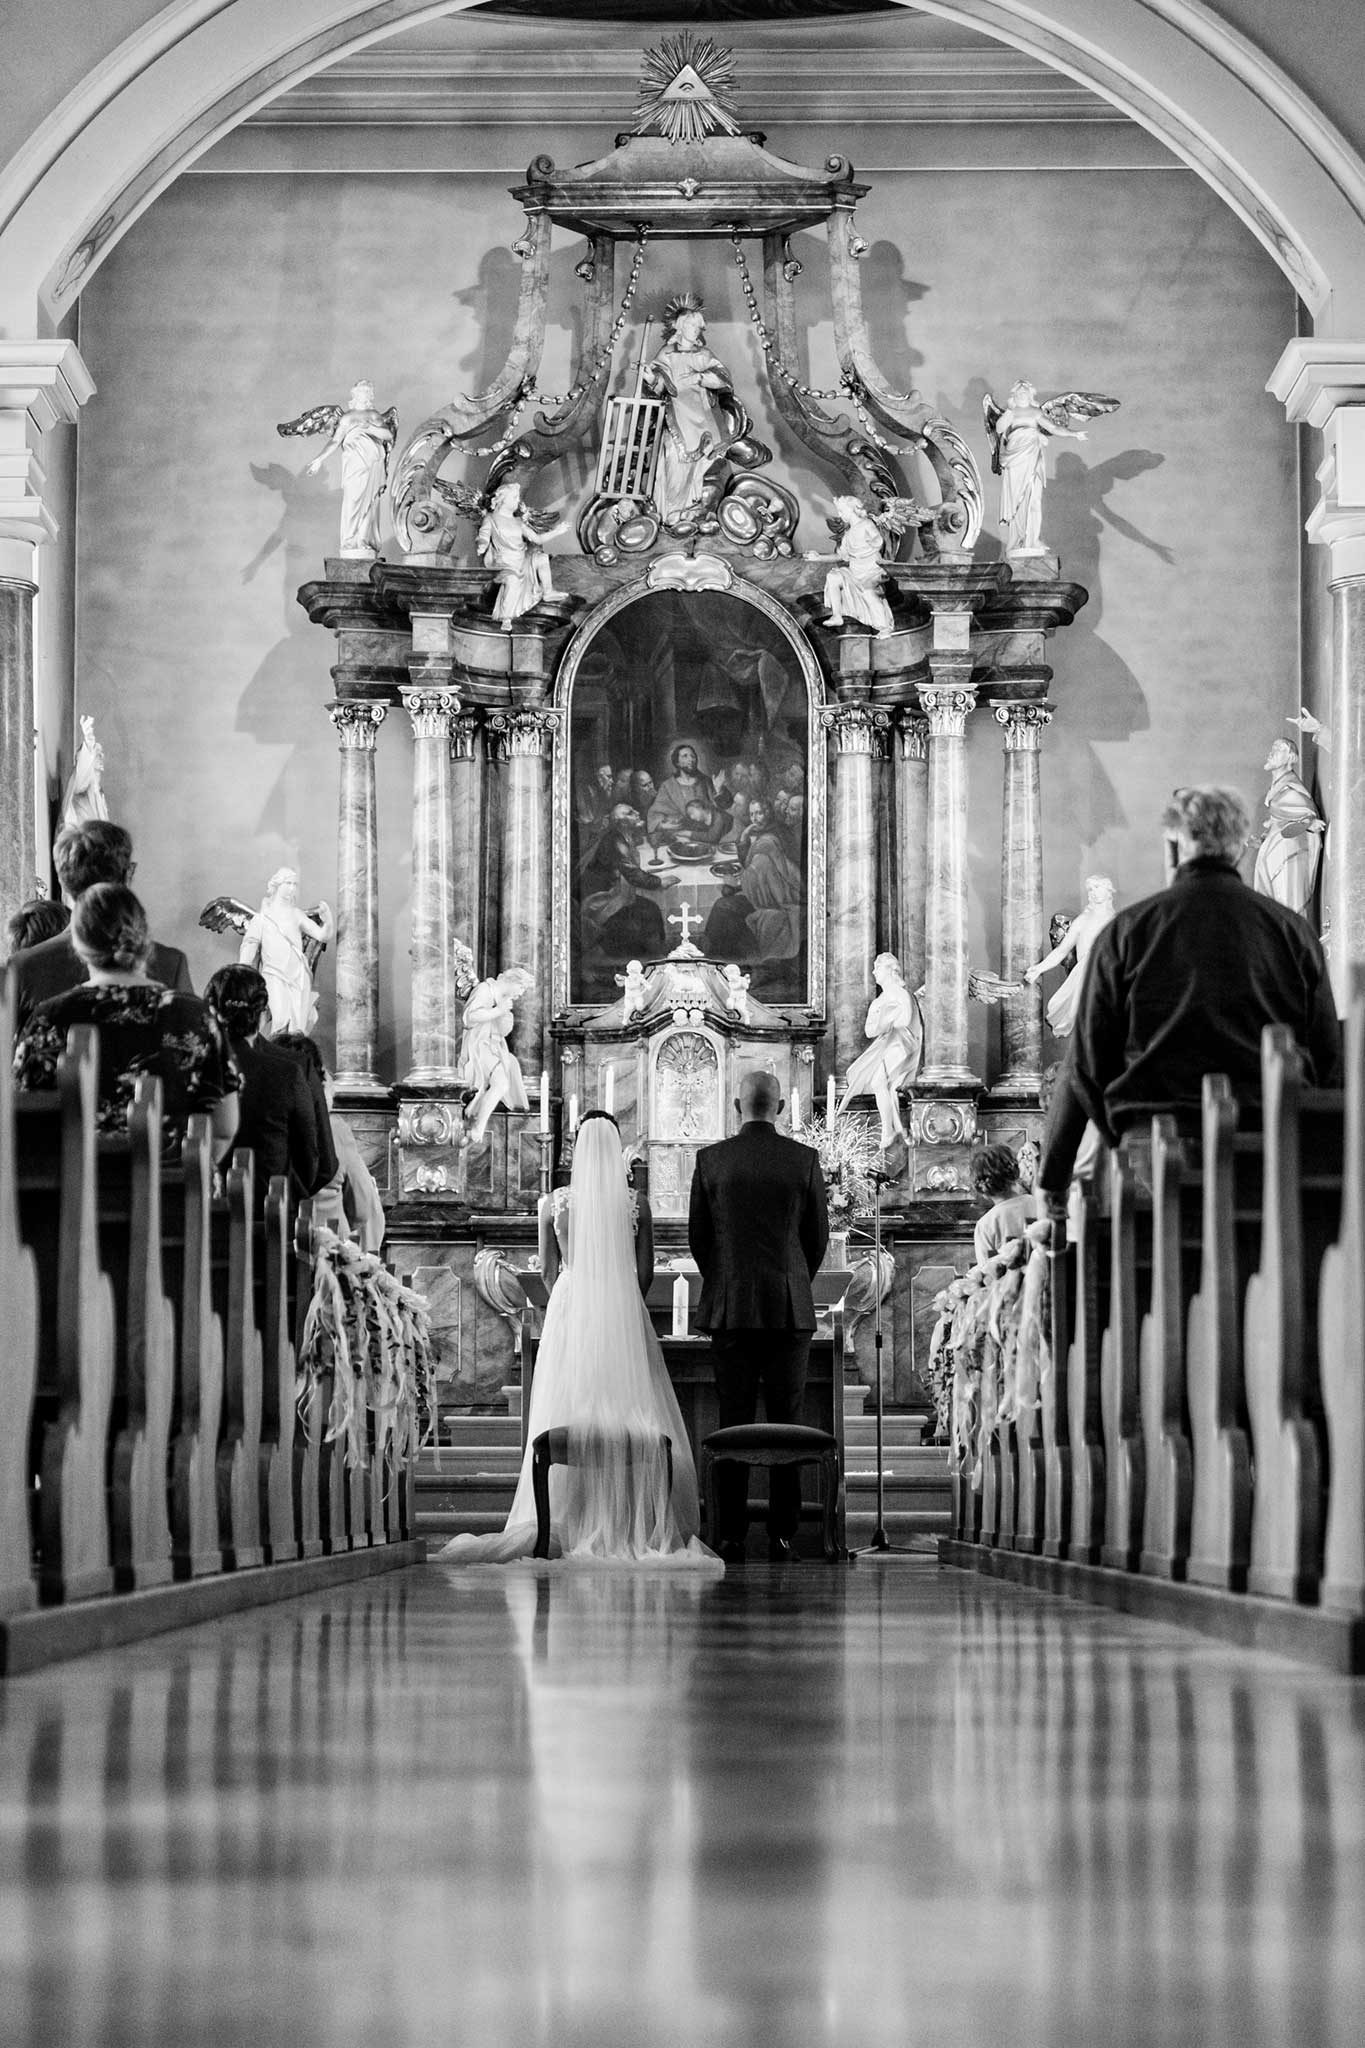 kirchliche Hochzeit, man sieht das Brautpaar von hinten. es steht am Altar. Tiefer Standpunkt der Kamera, verleiht dem Bild eine enorem Tiefe. Schwarz-Weiß . Hochzeiten